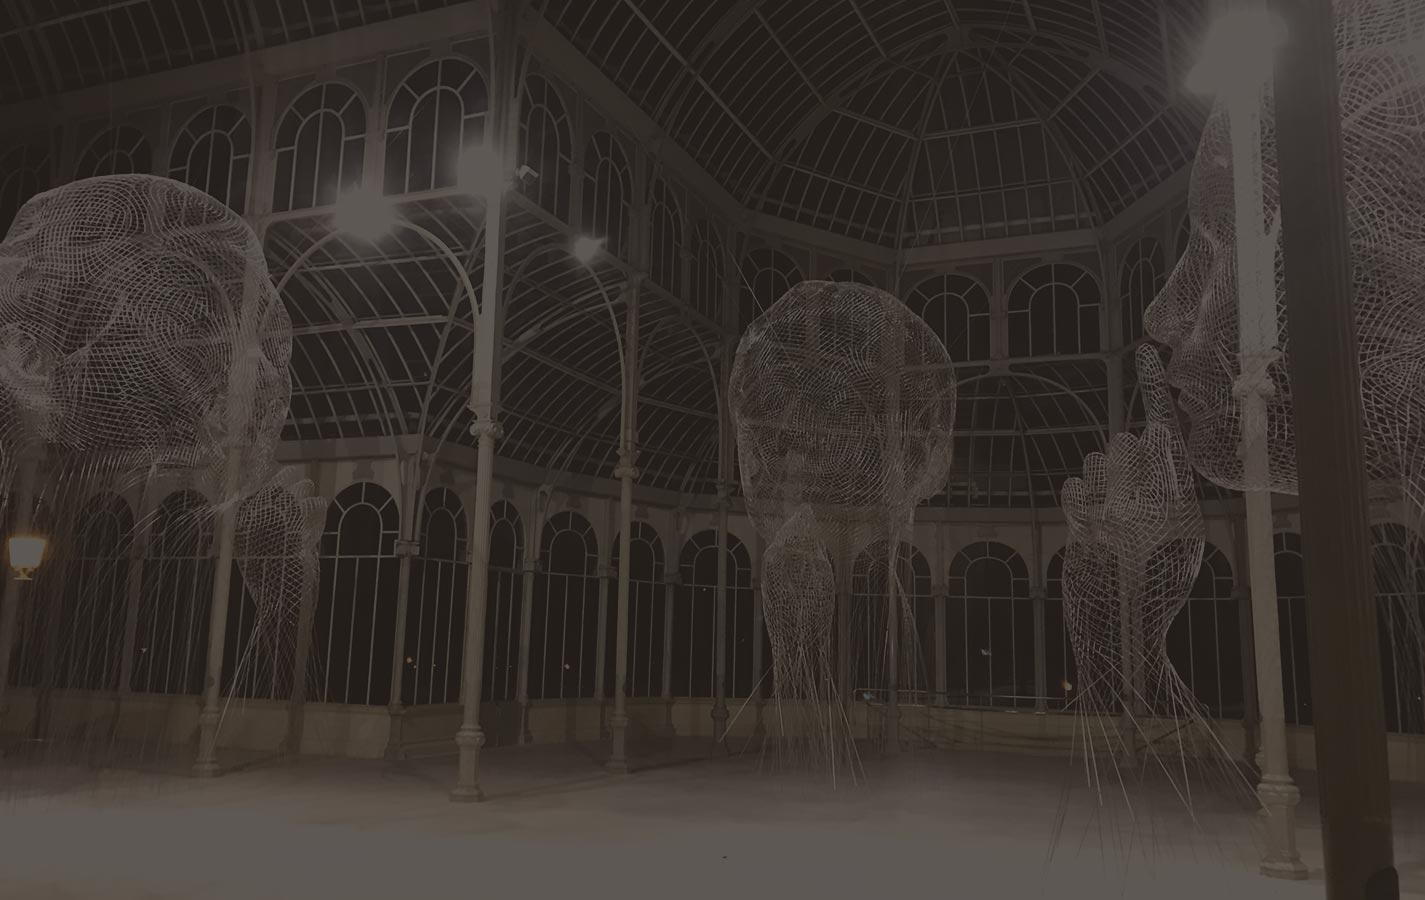 Jaume Plensa Exposición Invisibles Retiro Palacio de Cristal